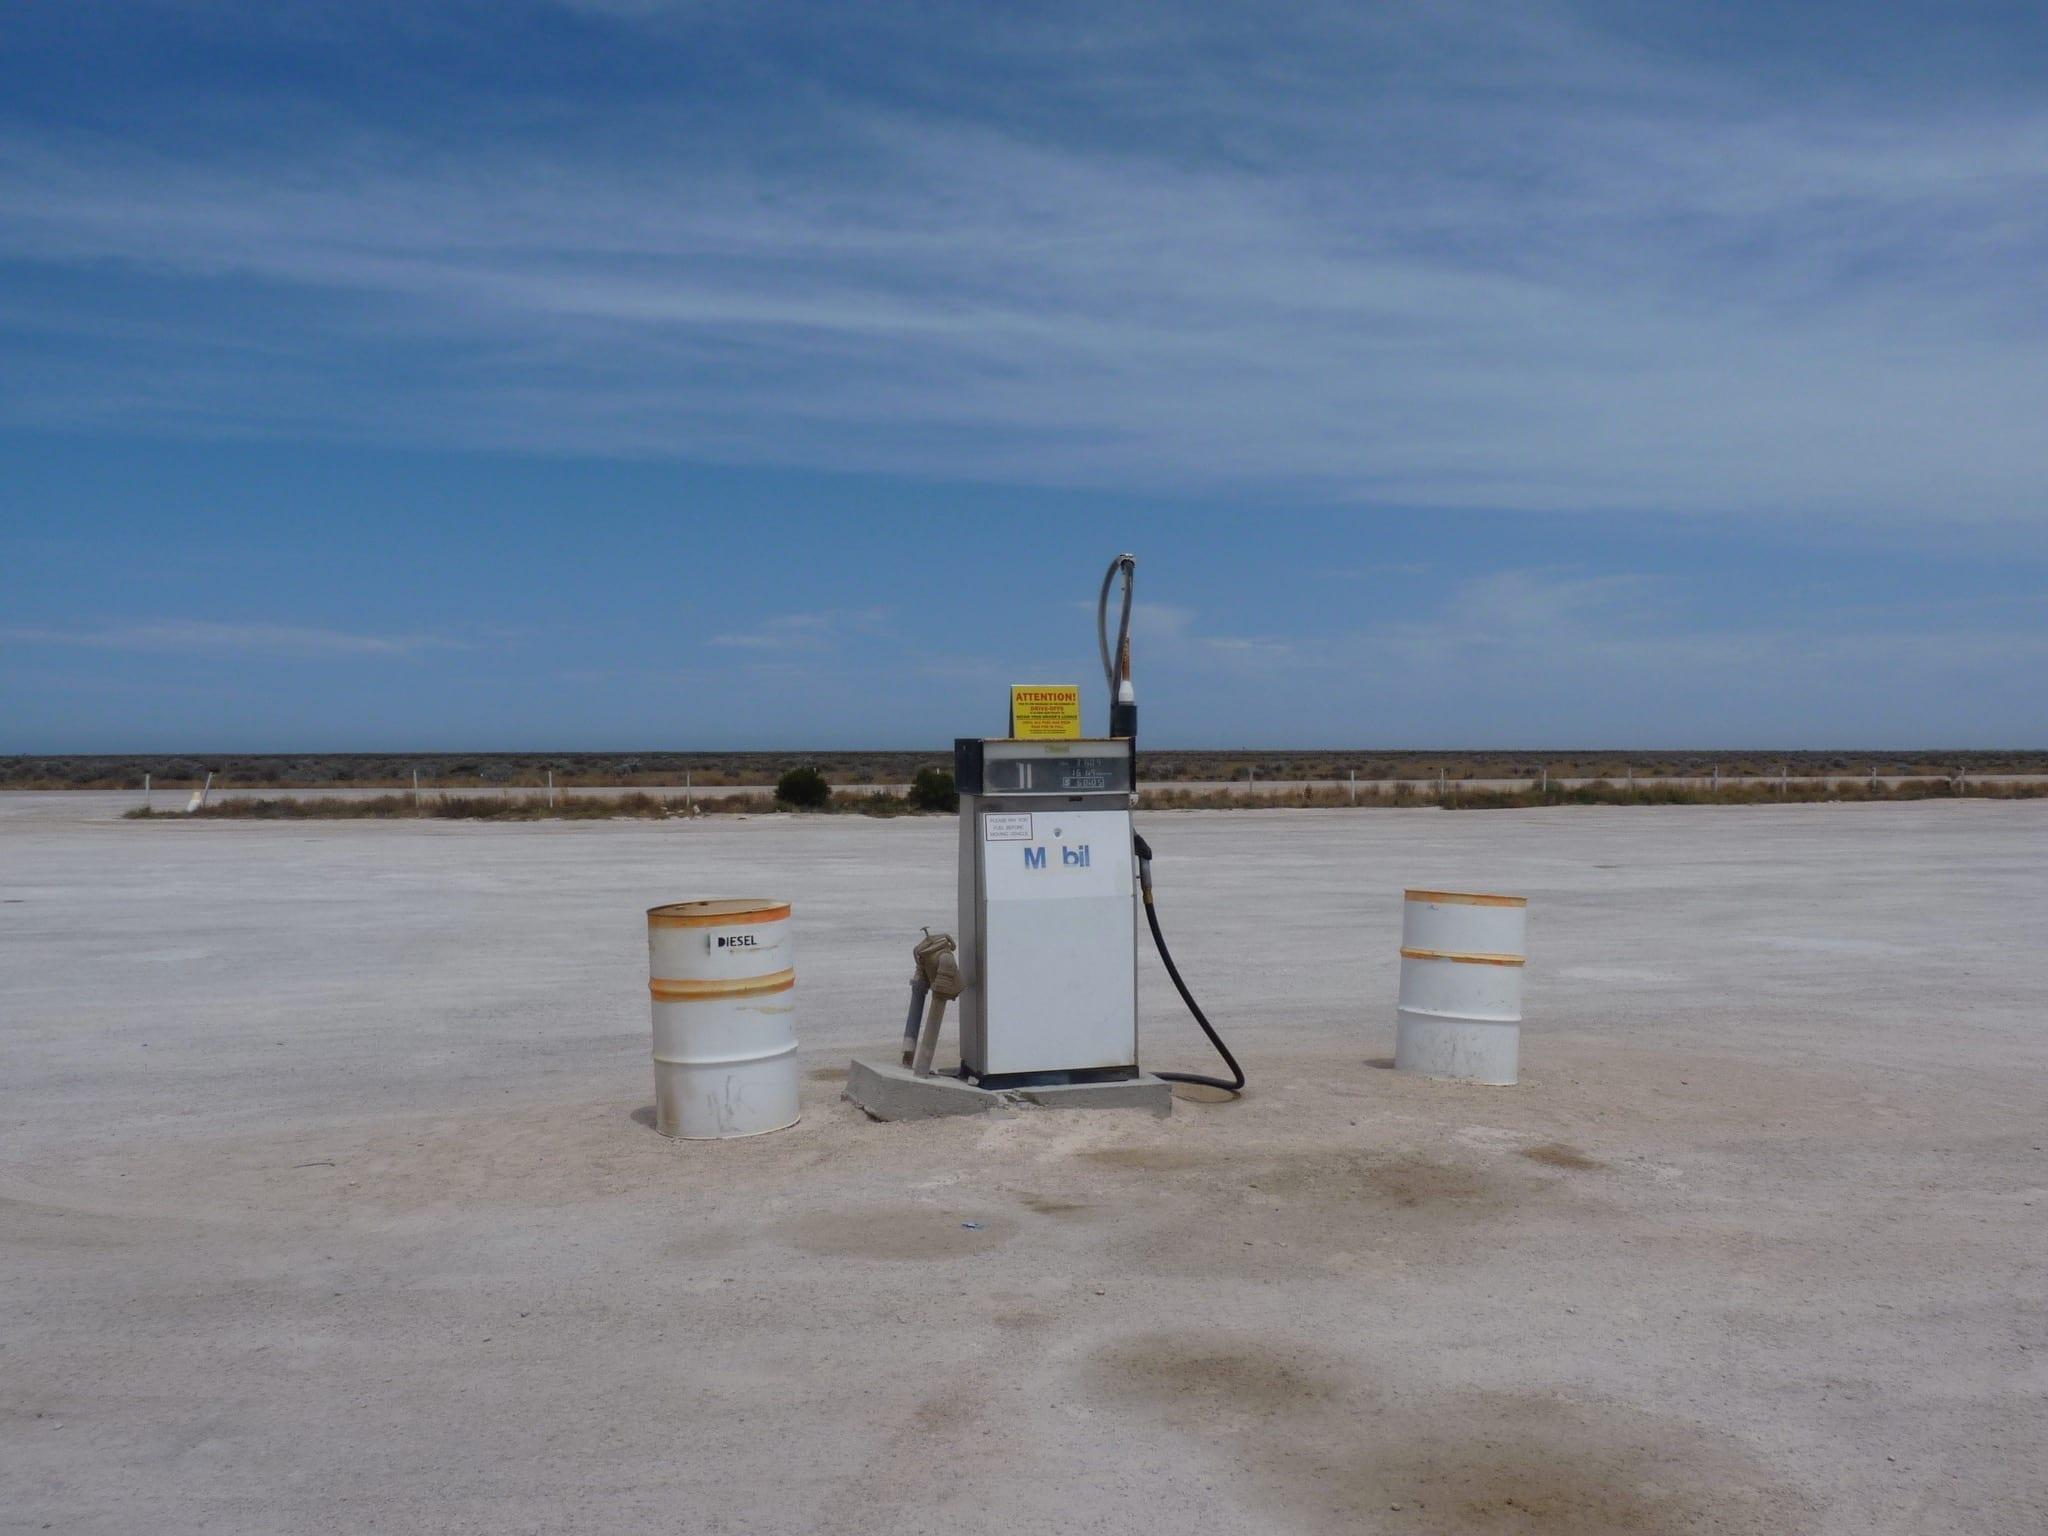 Fuel Pump Nullarbor Roadhouse South Australia